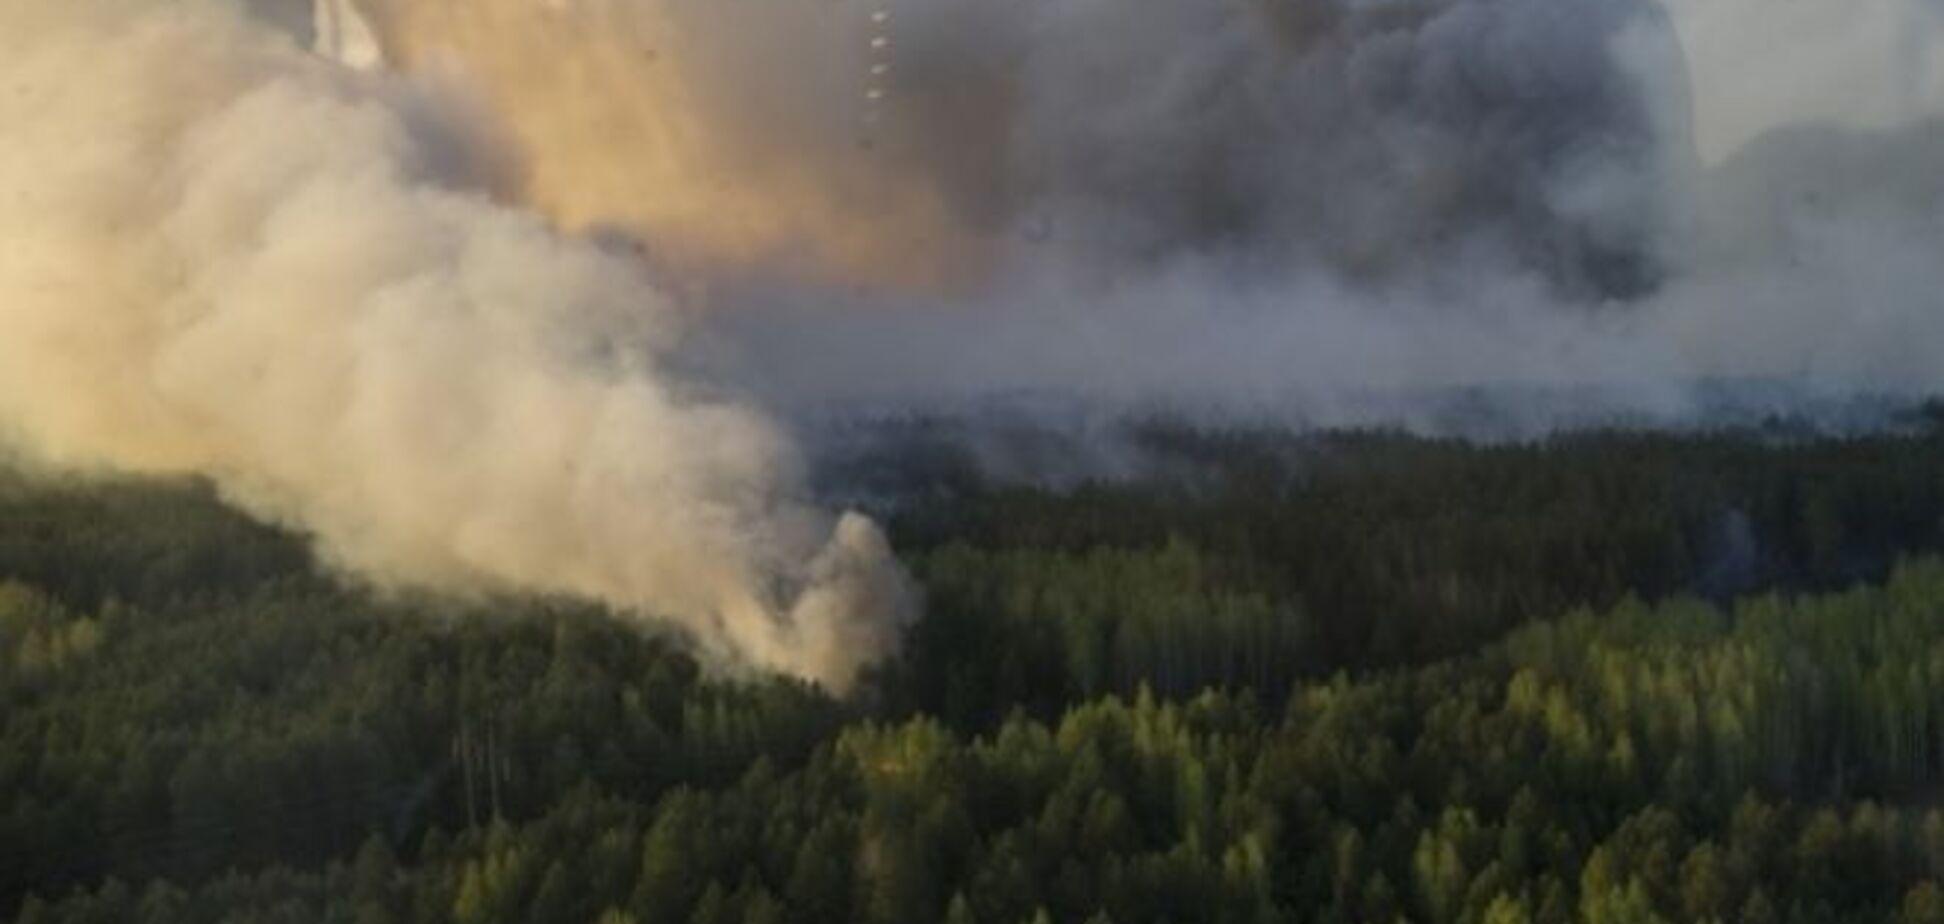 Впечатляет: появилось видео пожара в зоне ЧАЭС с высоты птичьего полета